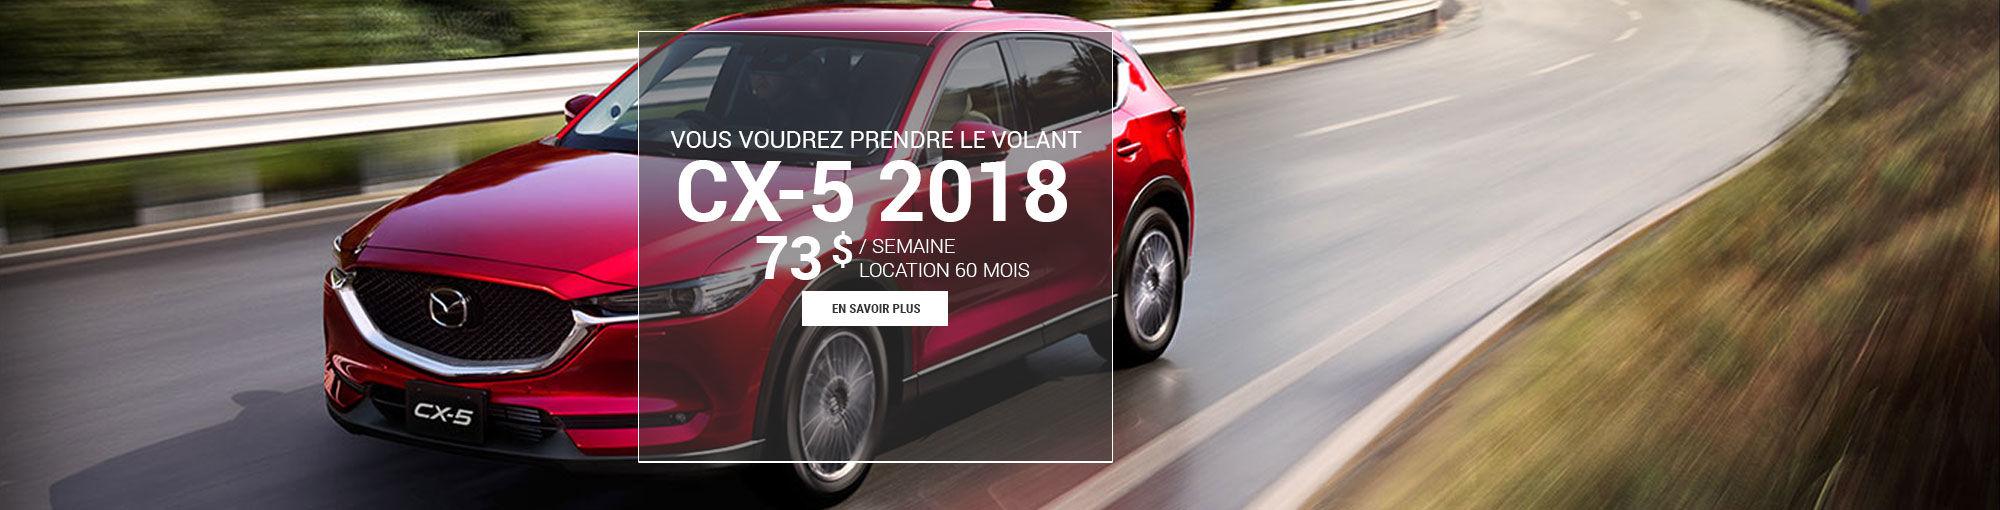 CX5 2018 - mai